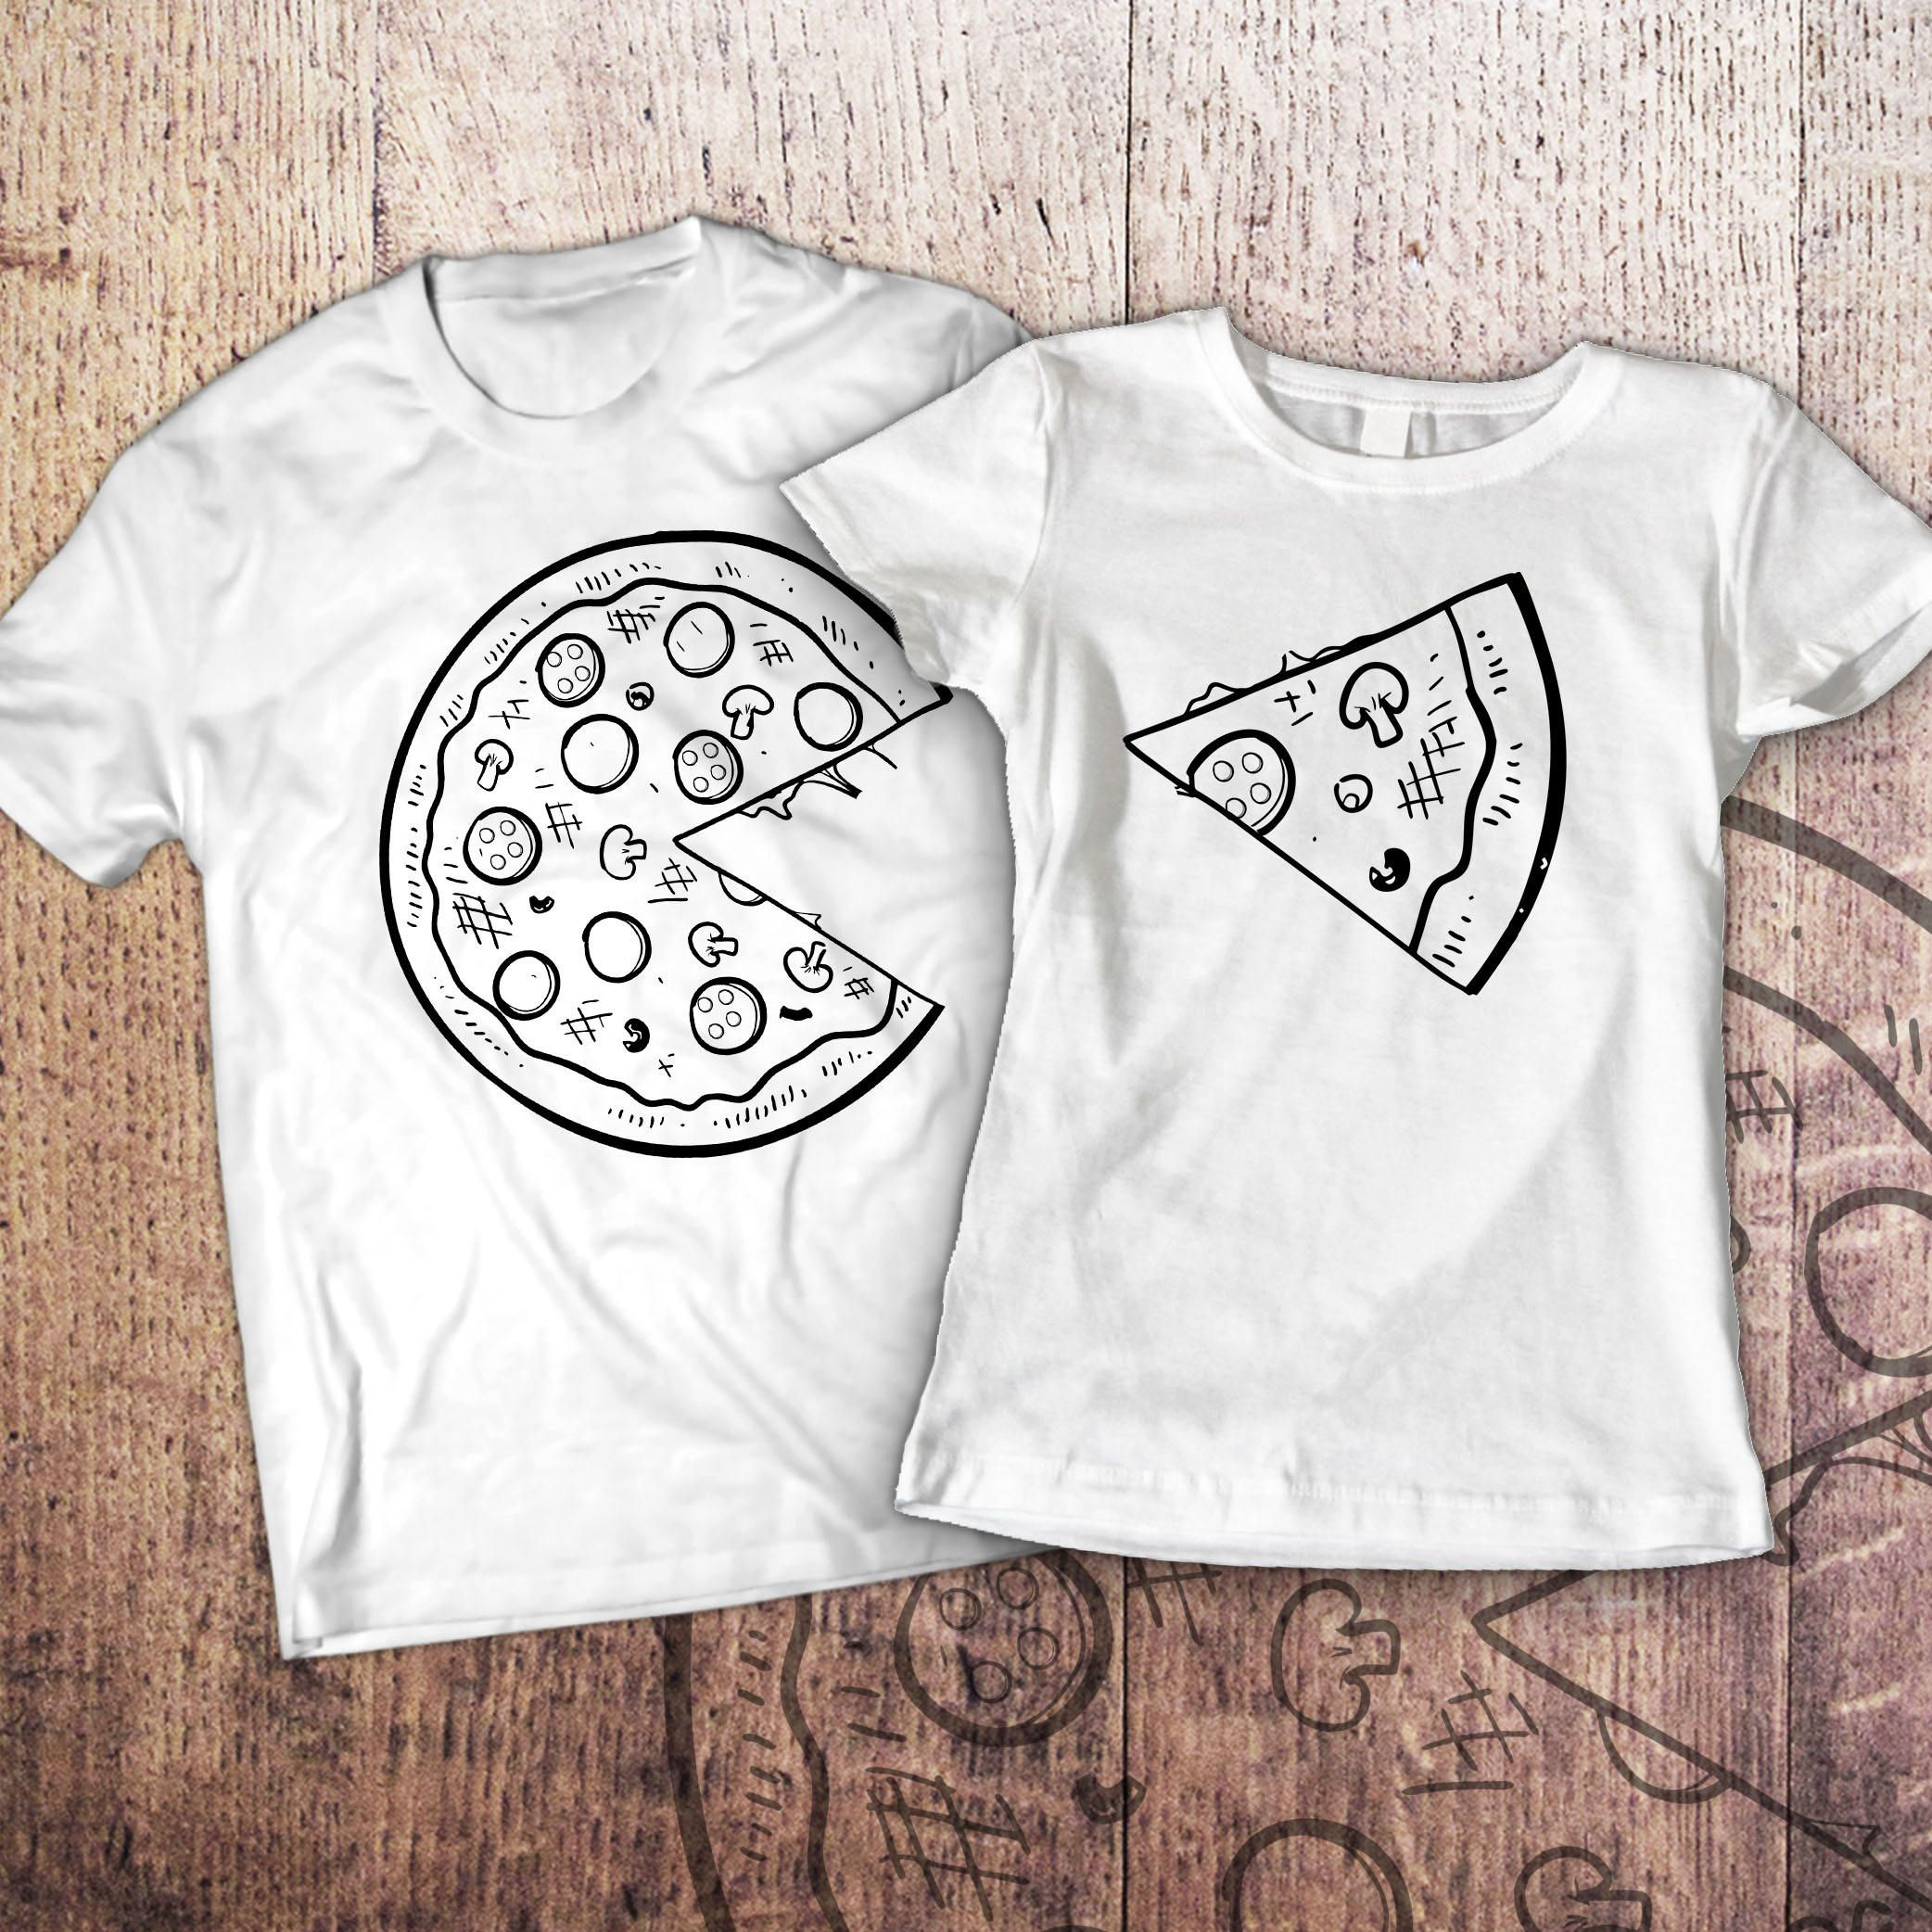 b8a84103c Pizza t shirt / piece of pizza / couple shirts / matching   Koszulki ...